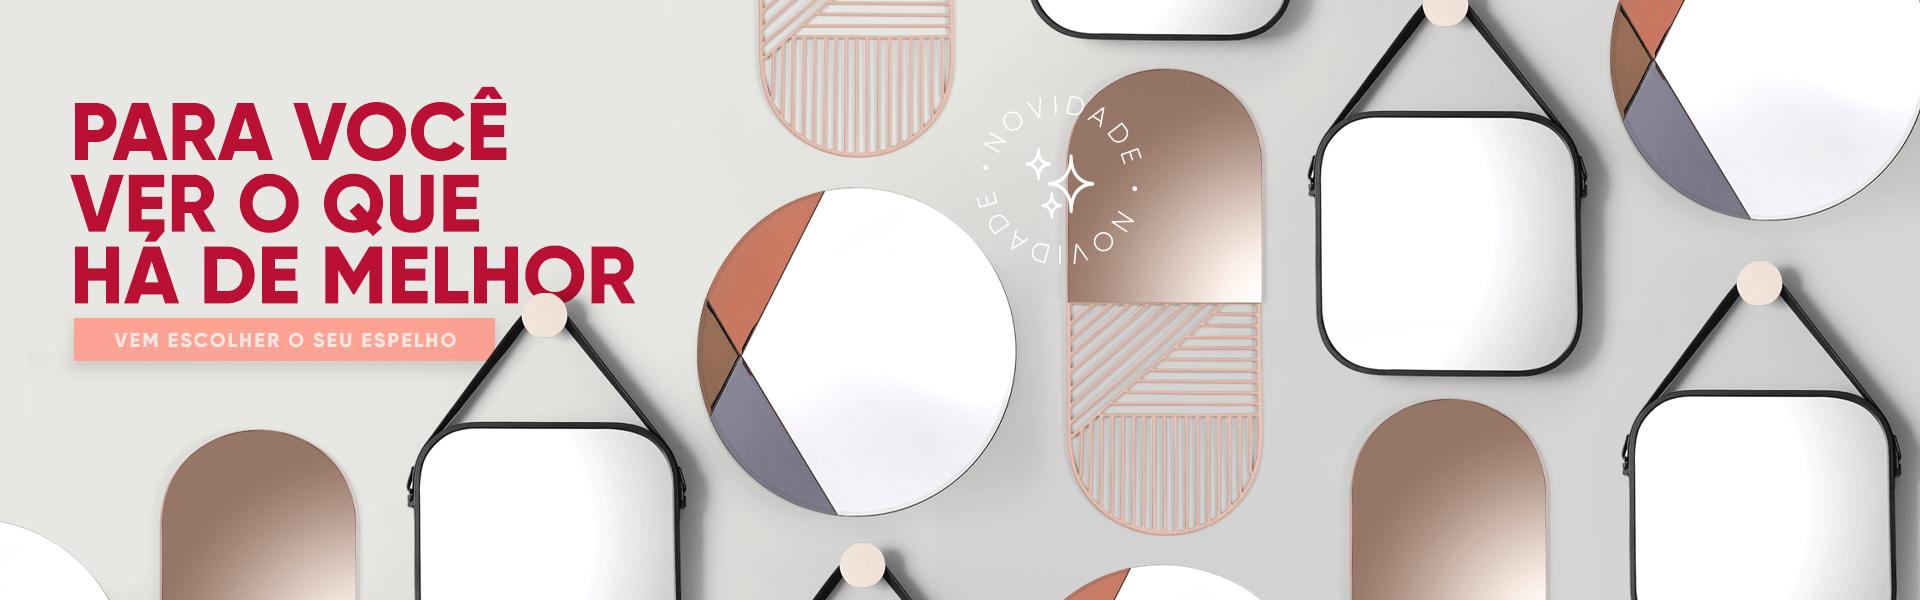 espelho-novidades